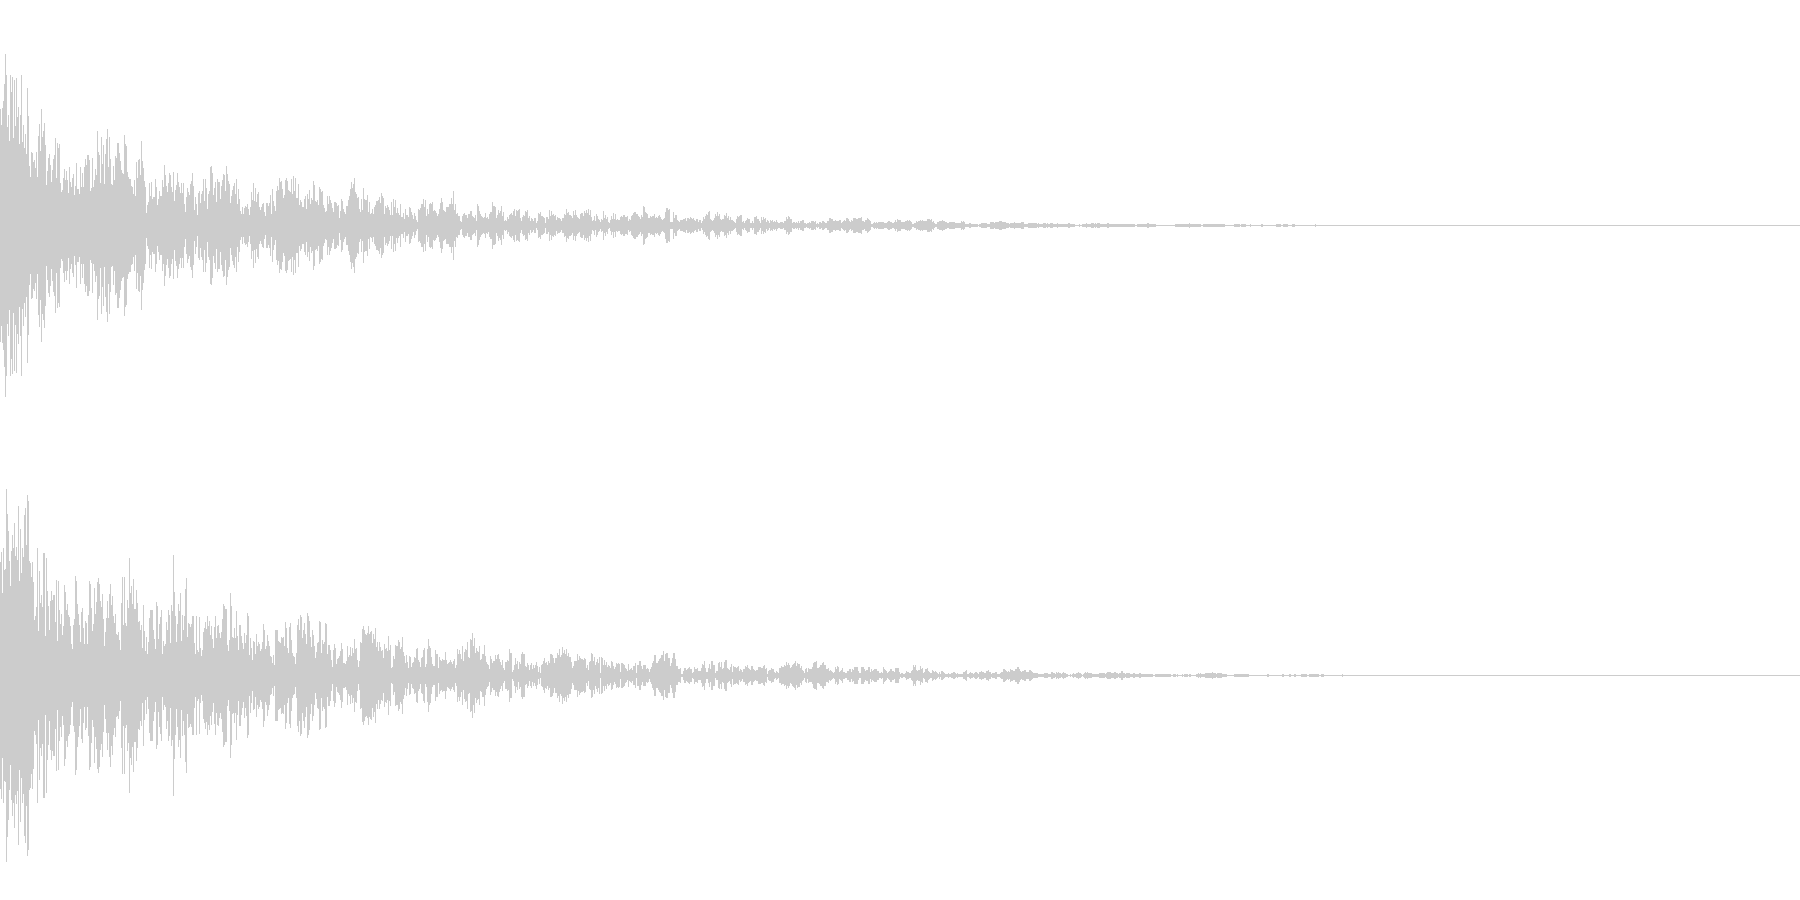 ドーン-15-2(インパクト音)の未再生の波形